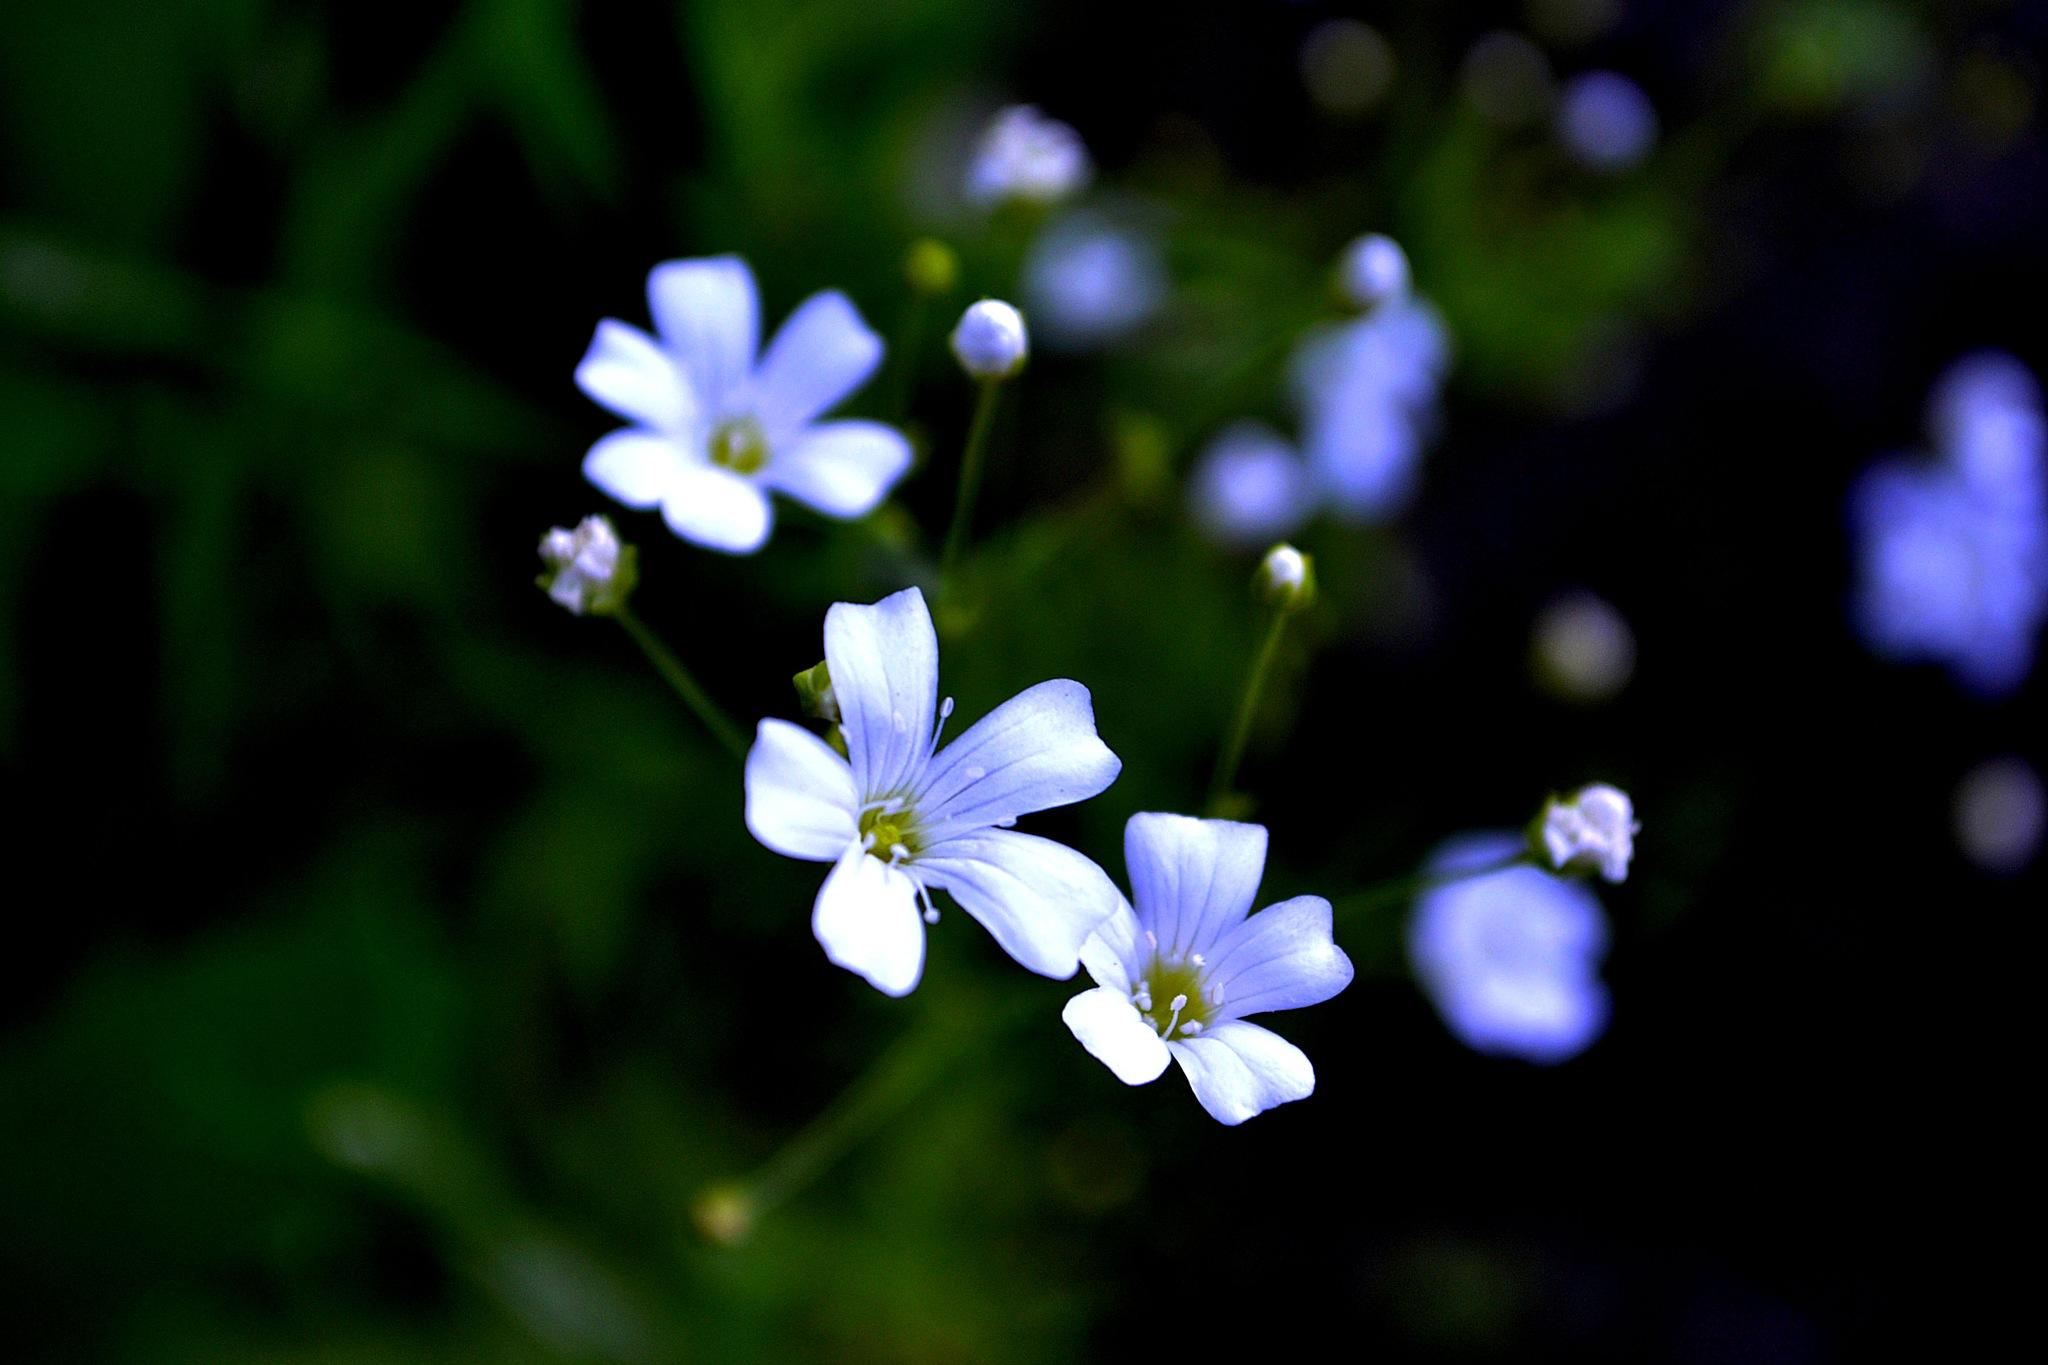 Happy Flowers by Trevor Smith